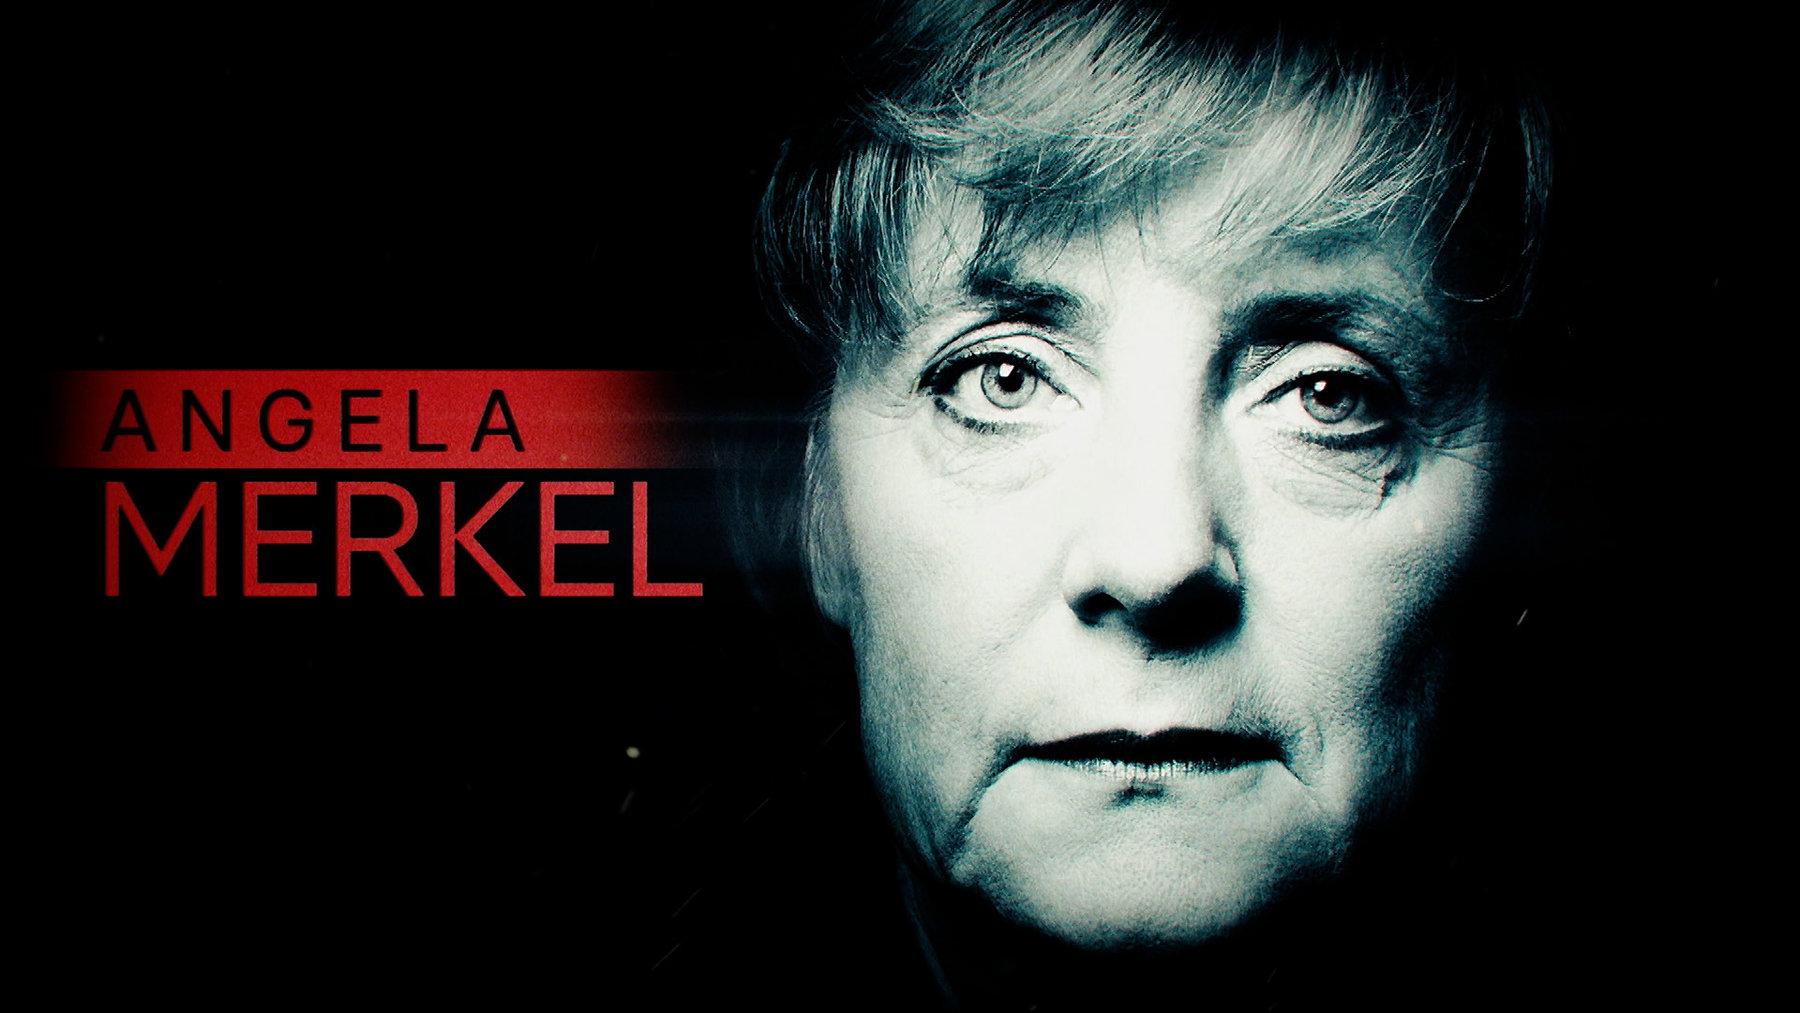 ANGELA MERKEL - IHR WEG, IHRE GEHEIMNISSE & IHRE ZUKUNFT